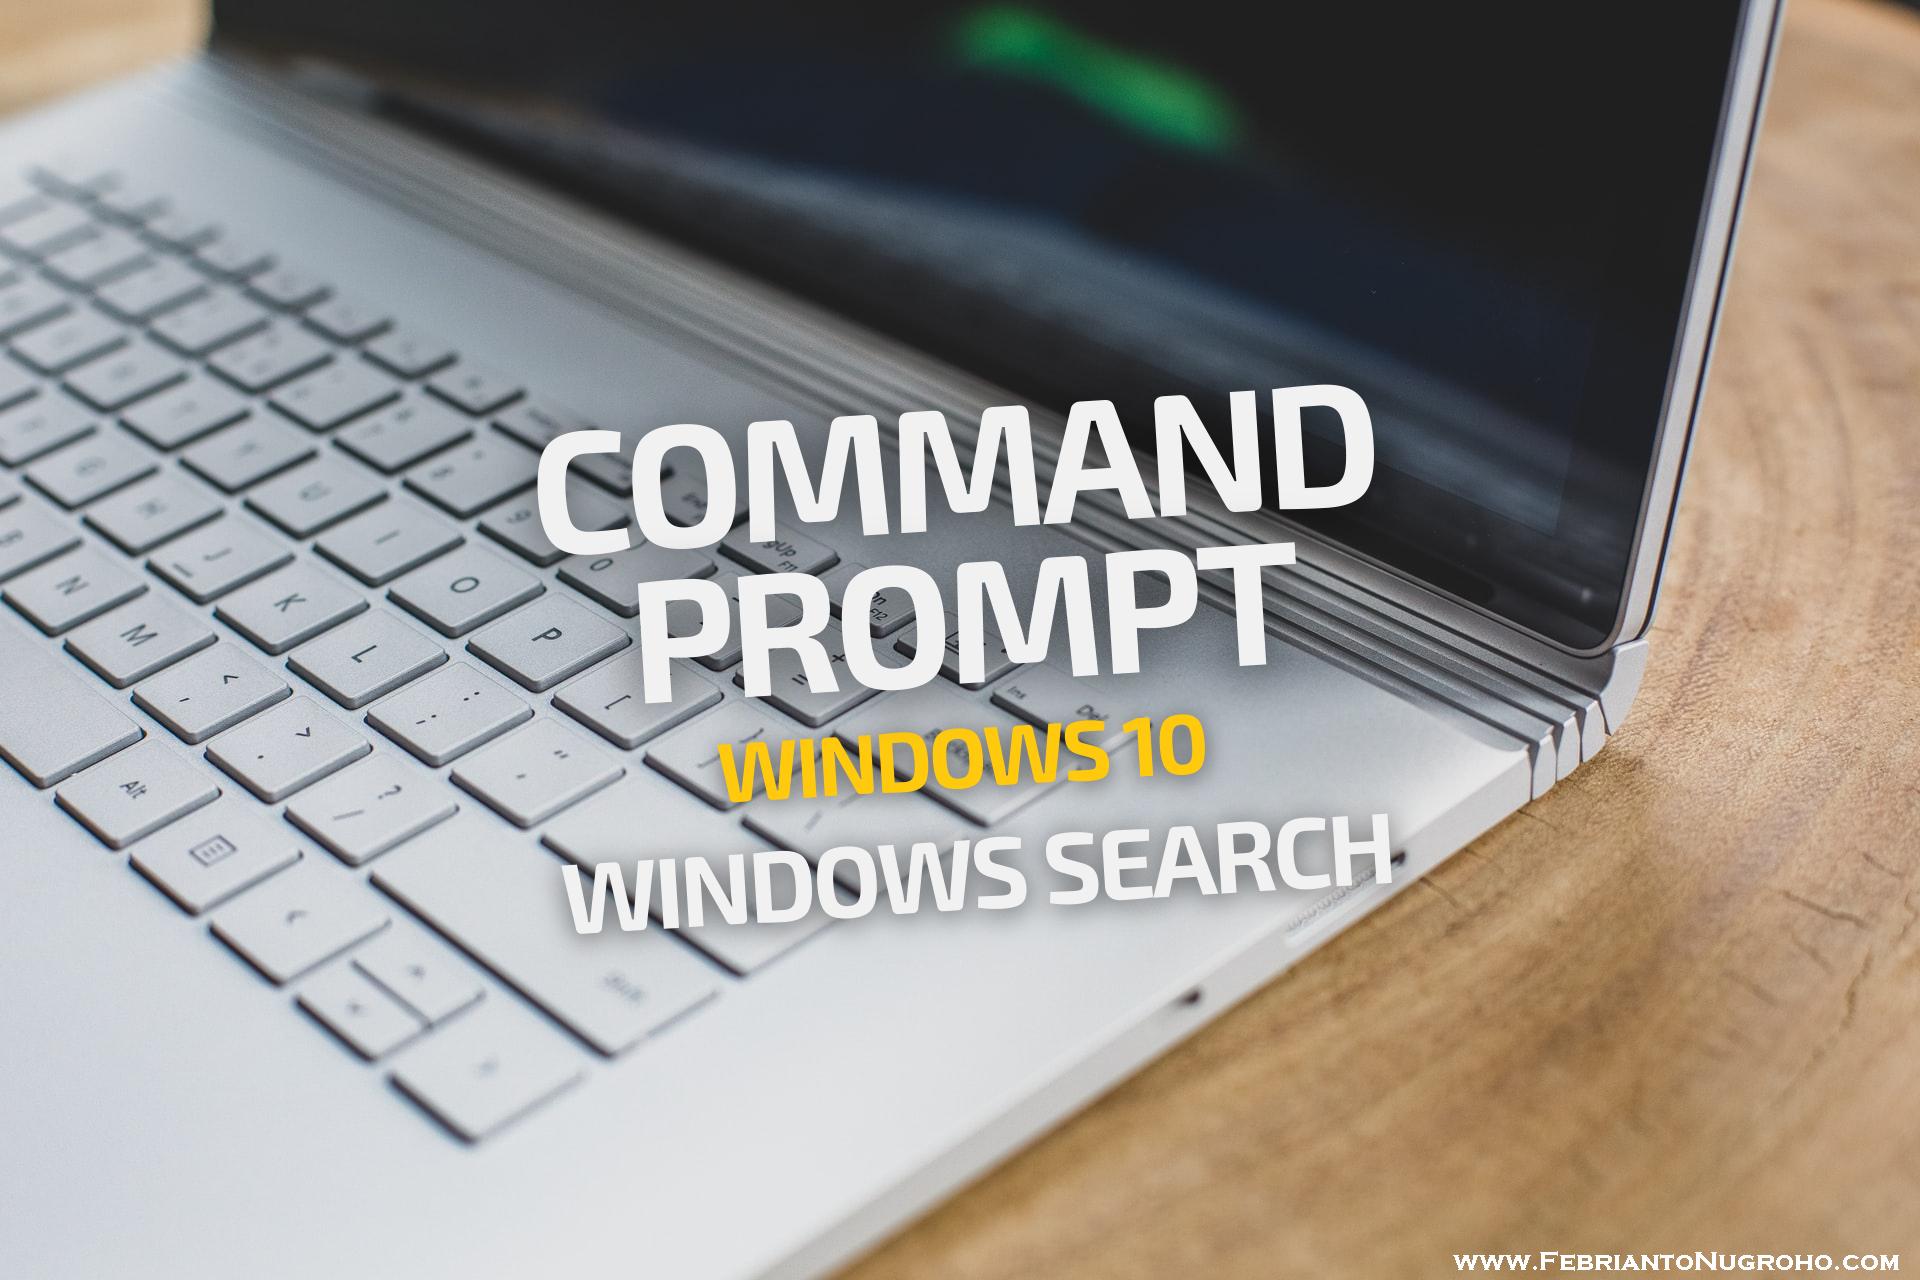 Membuka Command Prompt di Windows 10 via Windows Search